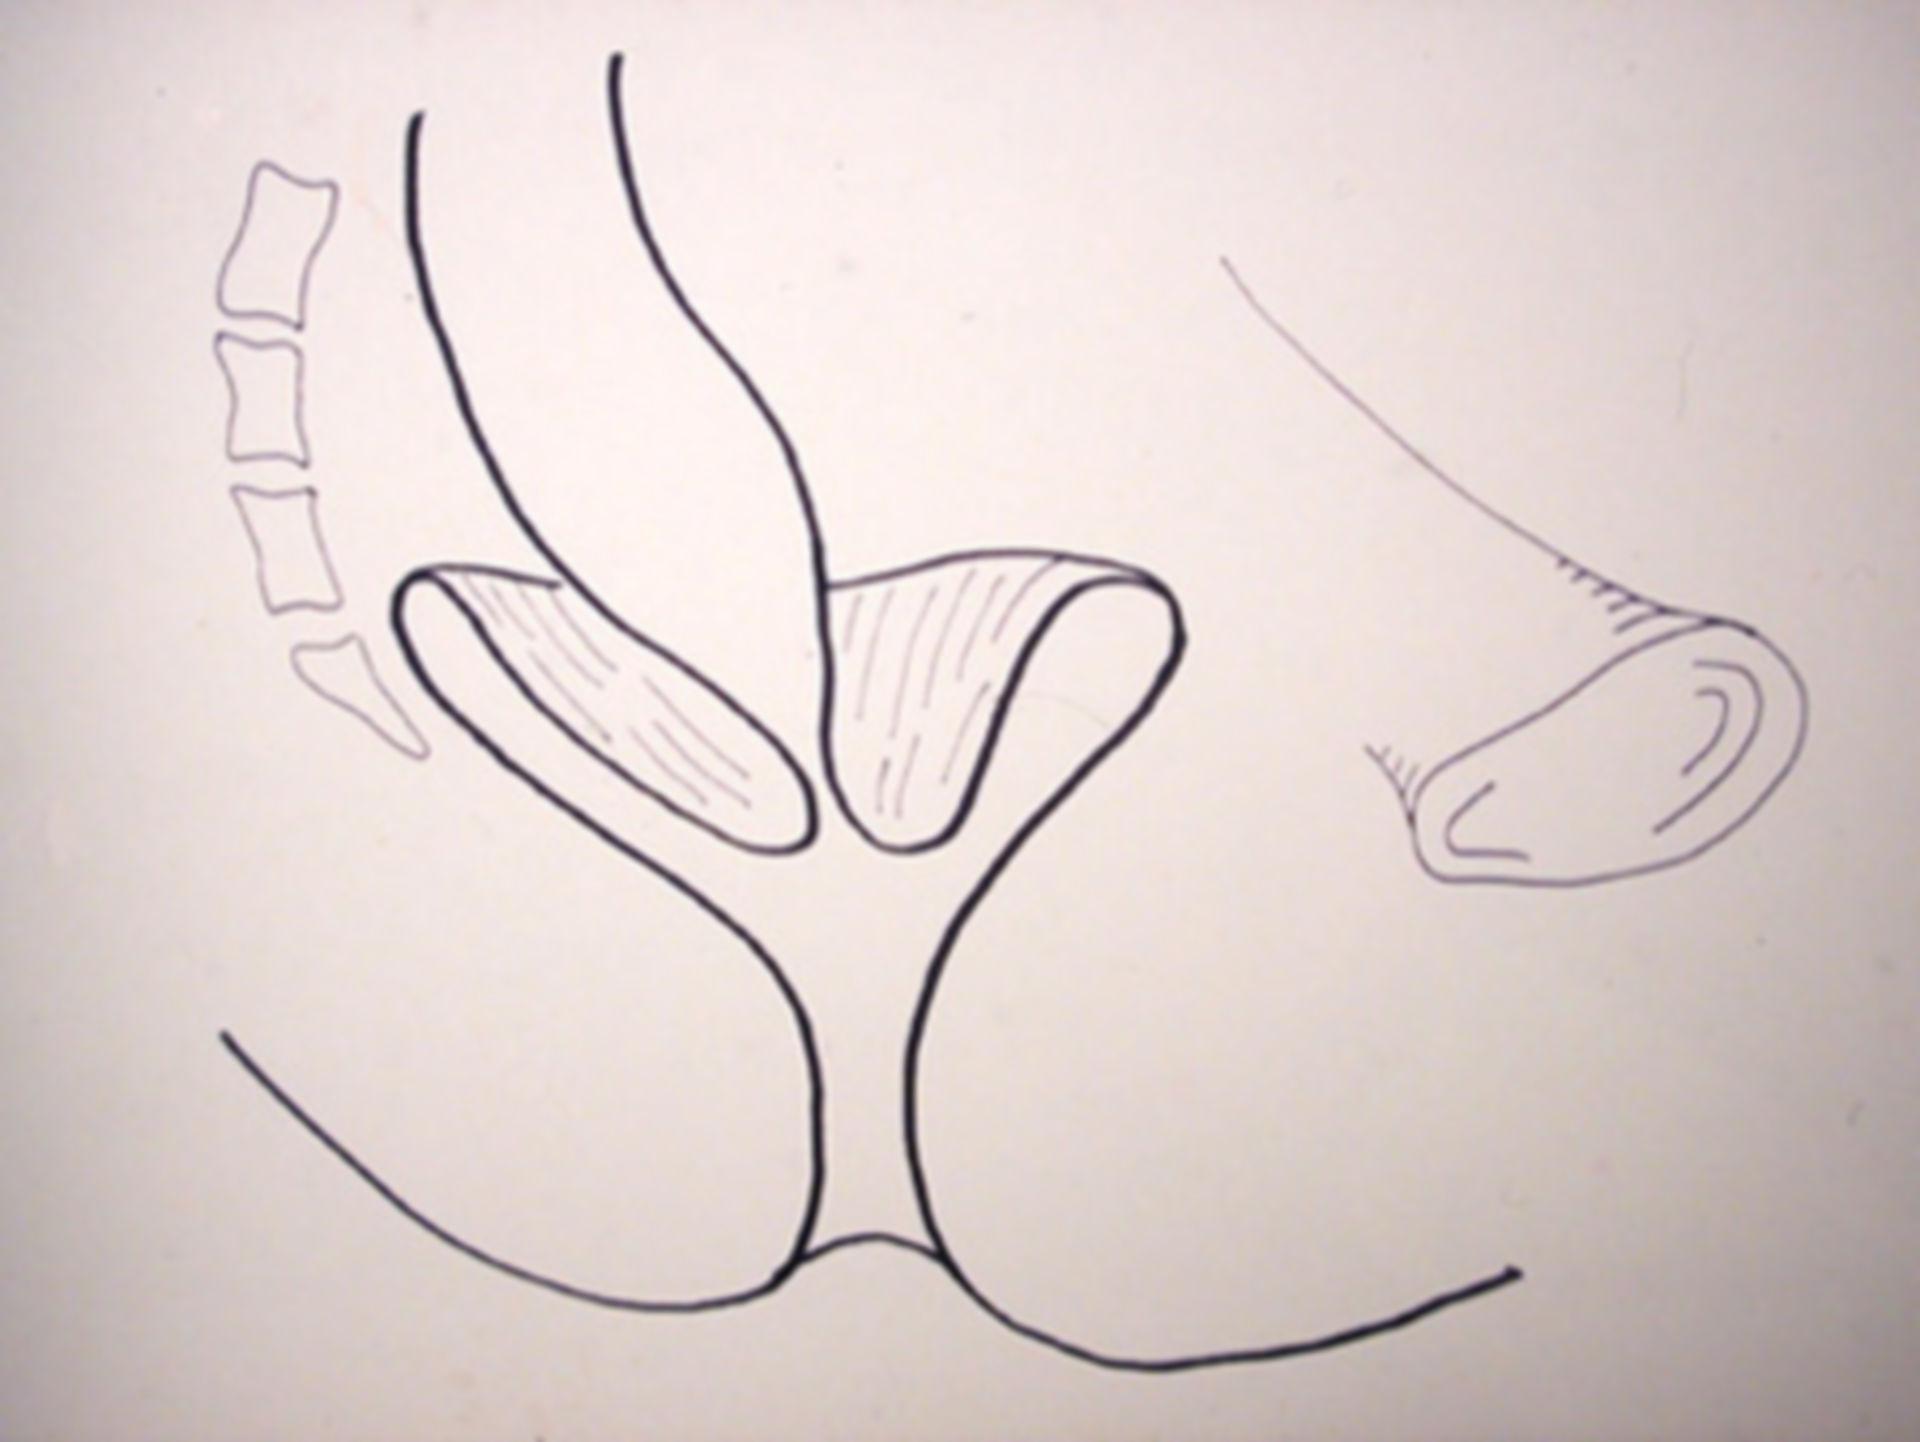 innerer Rektumprolaps (Schema)